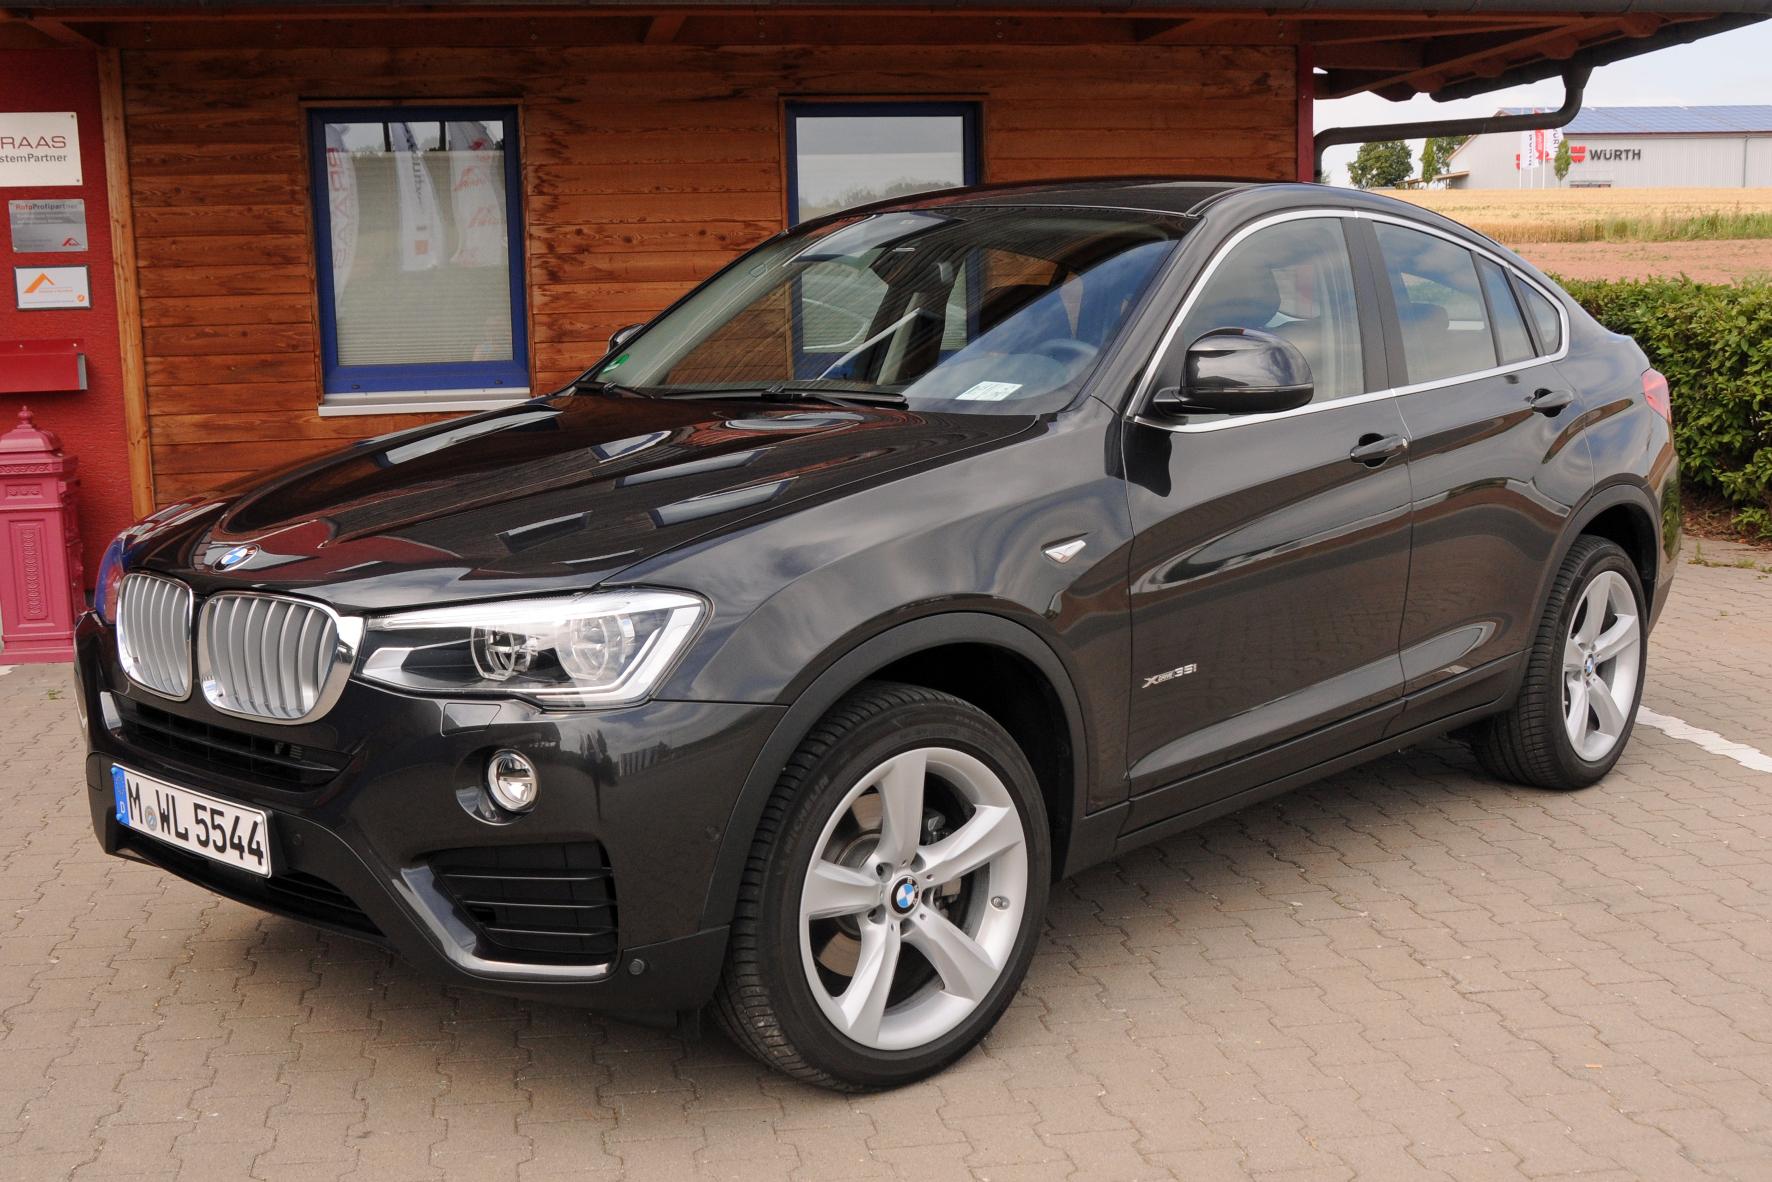 mid Groß-Gerau - Grenzgänger: Der X4 sticht als kompakte Crossover-Variante in die Lücke zwischen BMW X3 und X5.